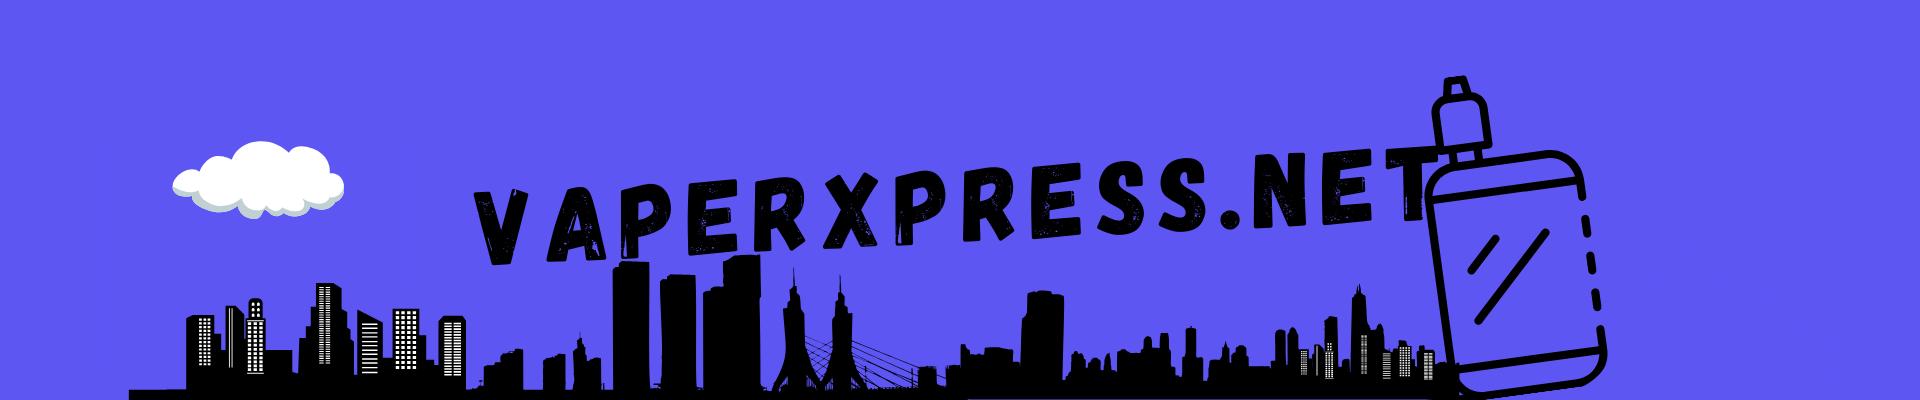 Vaperxpress